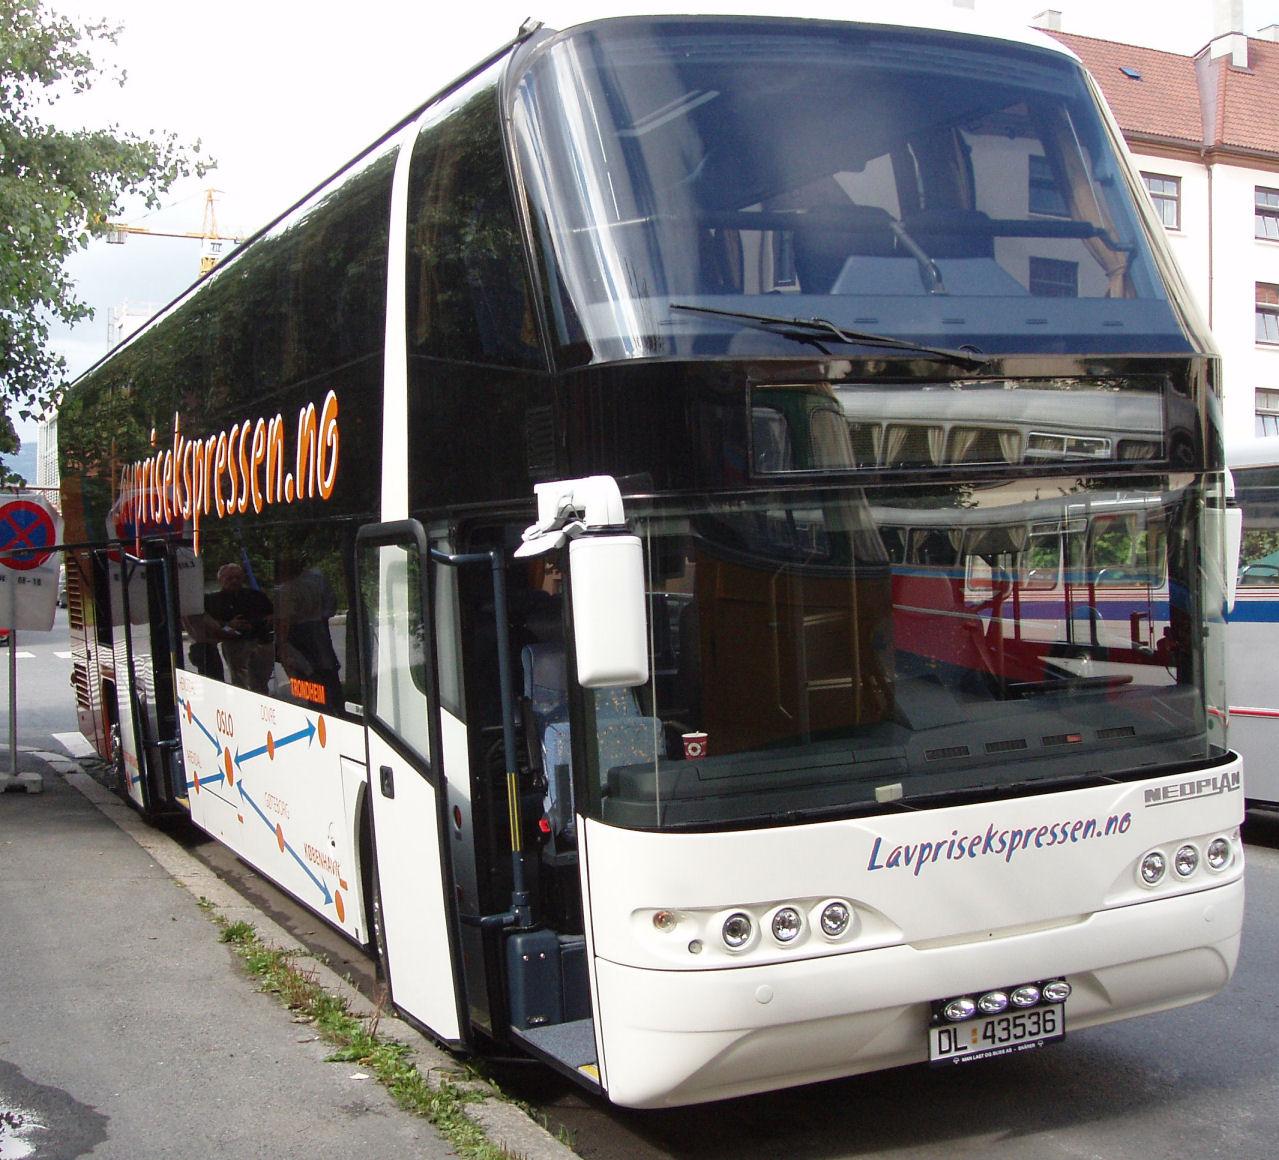 Oslo Sporveier var bidragsyter til arrangementet, og datterselskapet Arctic Express benyttet anledningen til å vise frem en flunkende ny toetasjers ekspressbuss av fabrikat Neoplan.